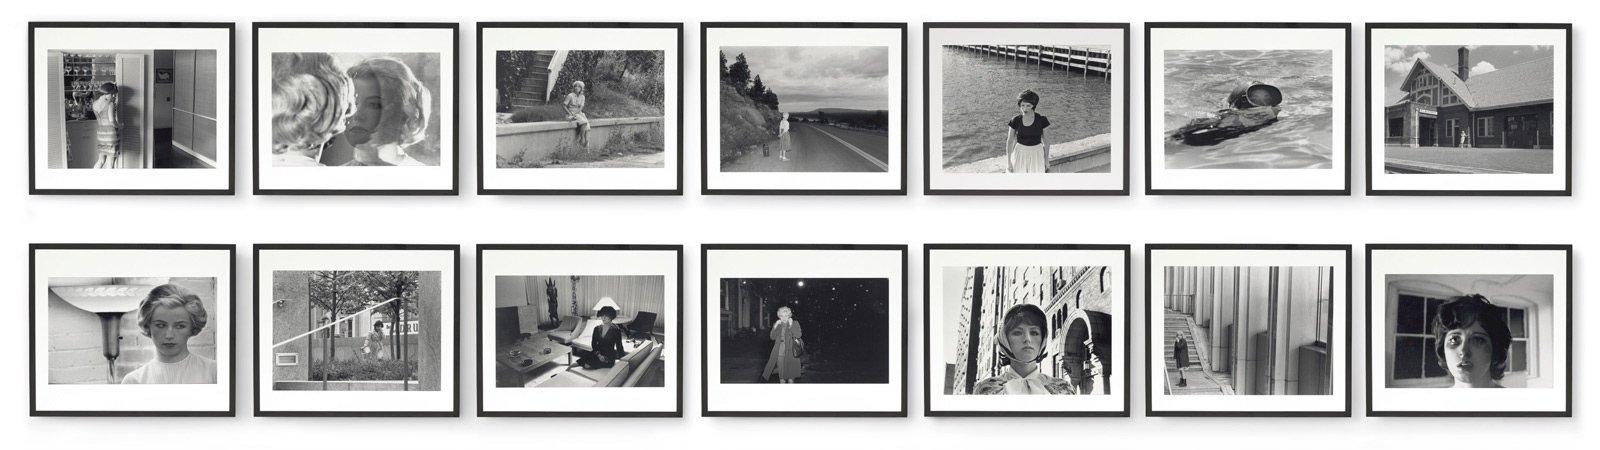 14 снимков, проданных за миллионы долларов